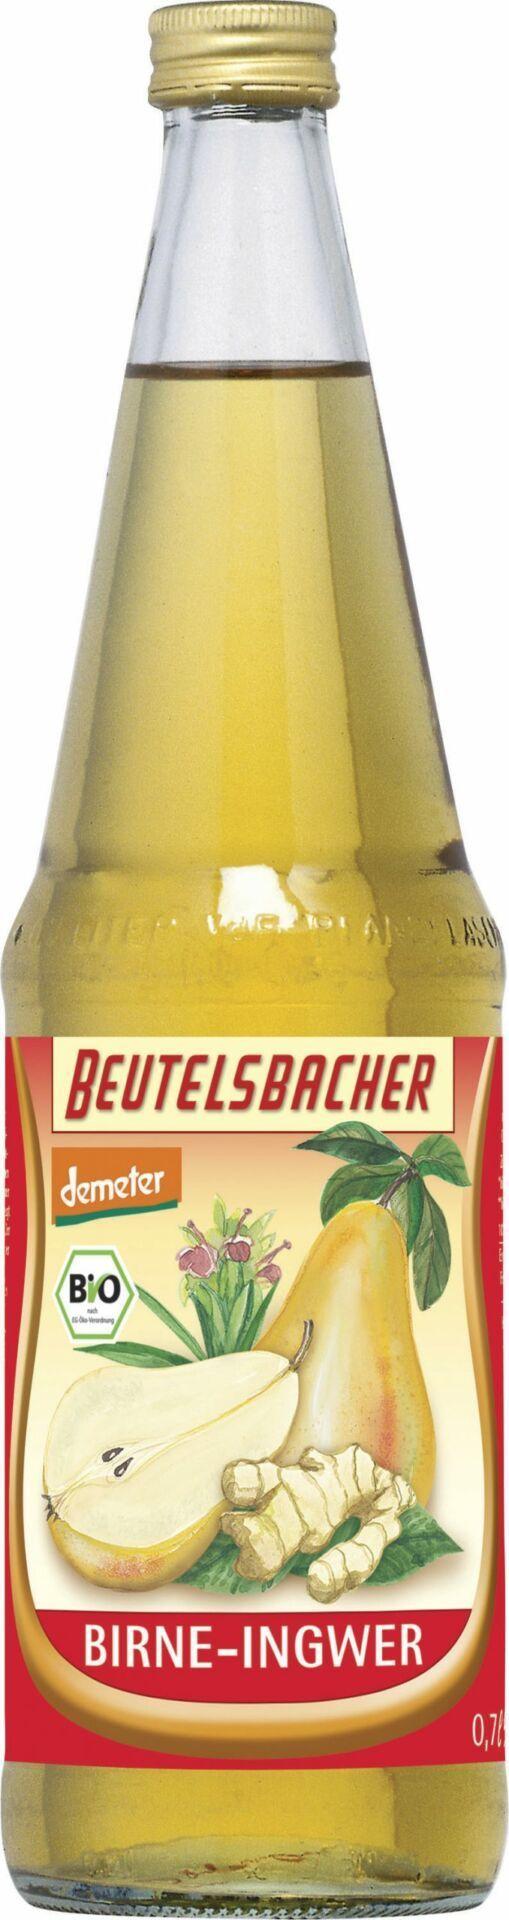 BEUTELSBACHER Demeter Birne-Ingwer Direktsaft 6x0,7l